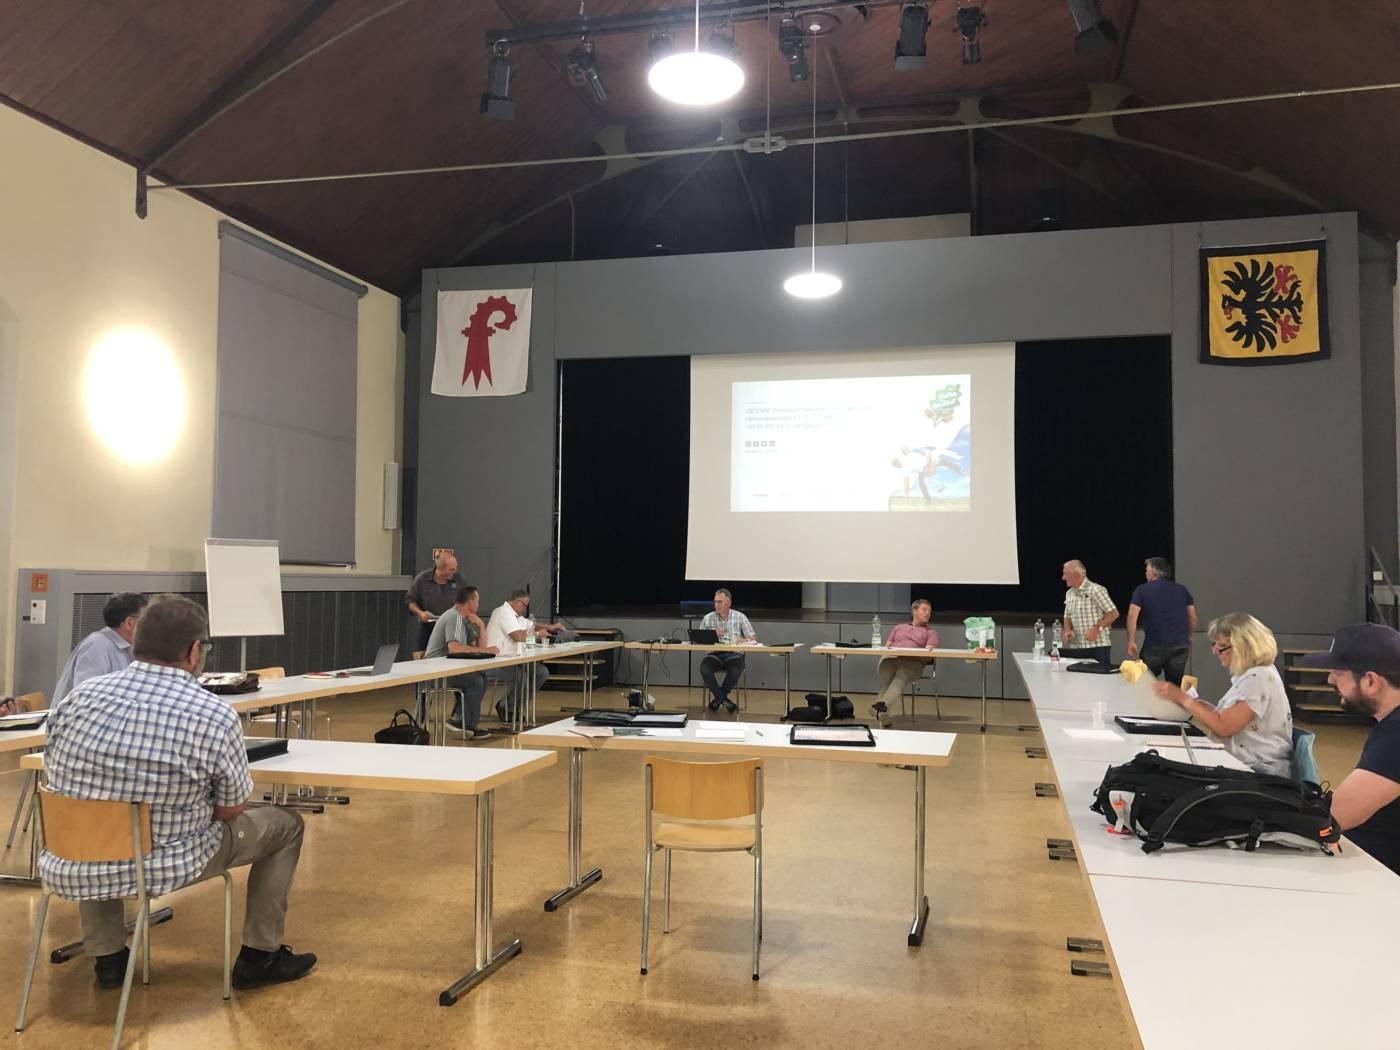 «Ich kenne alle 140 OK-Mitglieder persönlich», Eidgenössisches Schwing- und Älplerfest Pratteln im Baselbiet | ESAF 2022